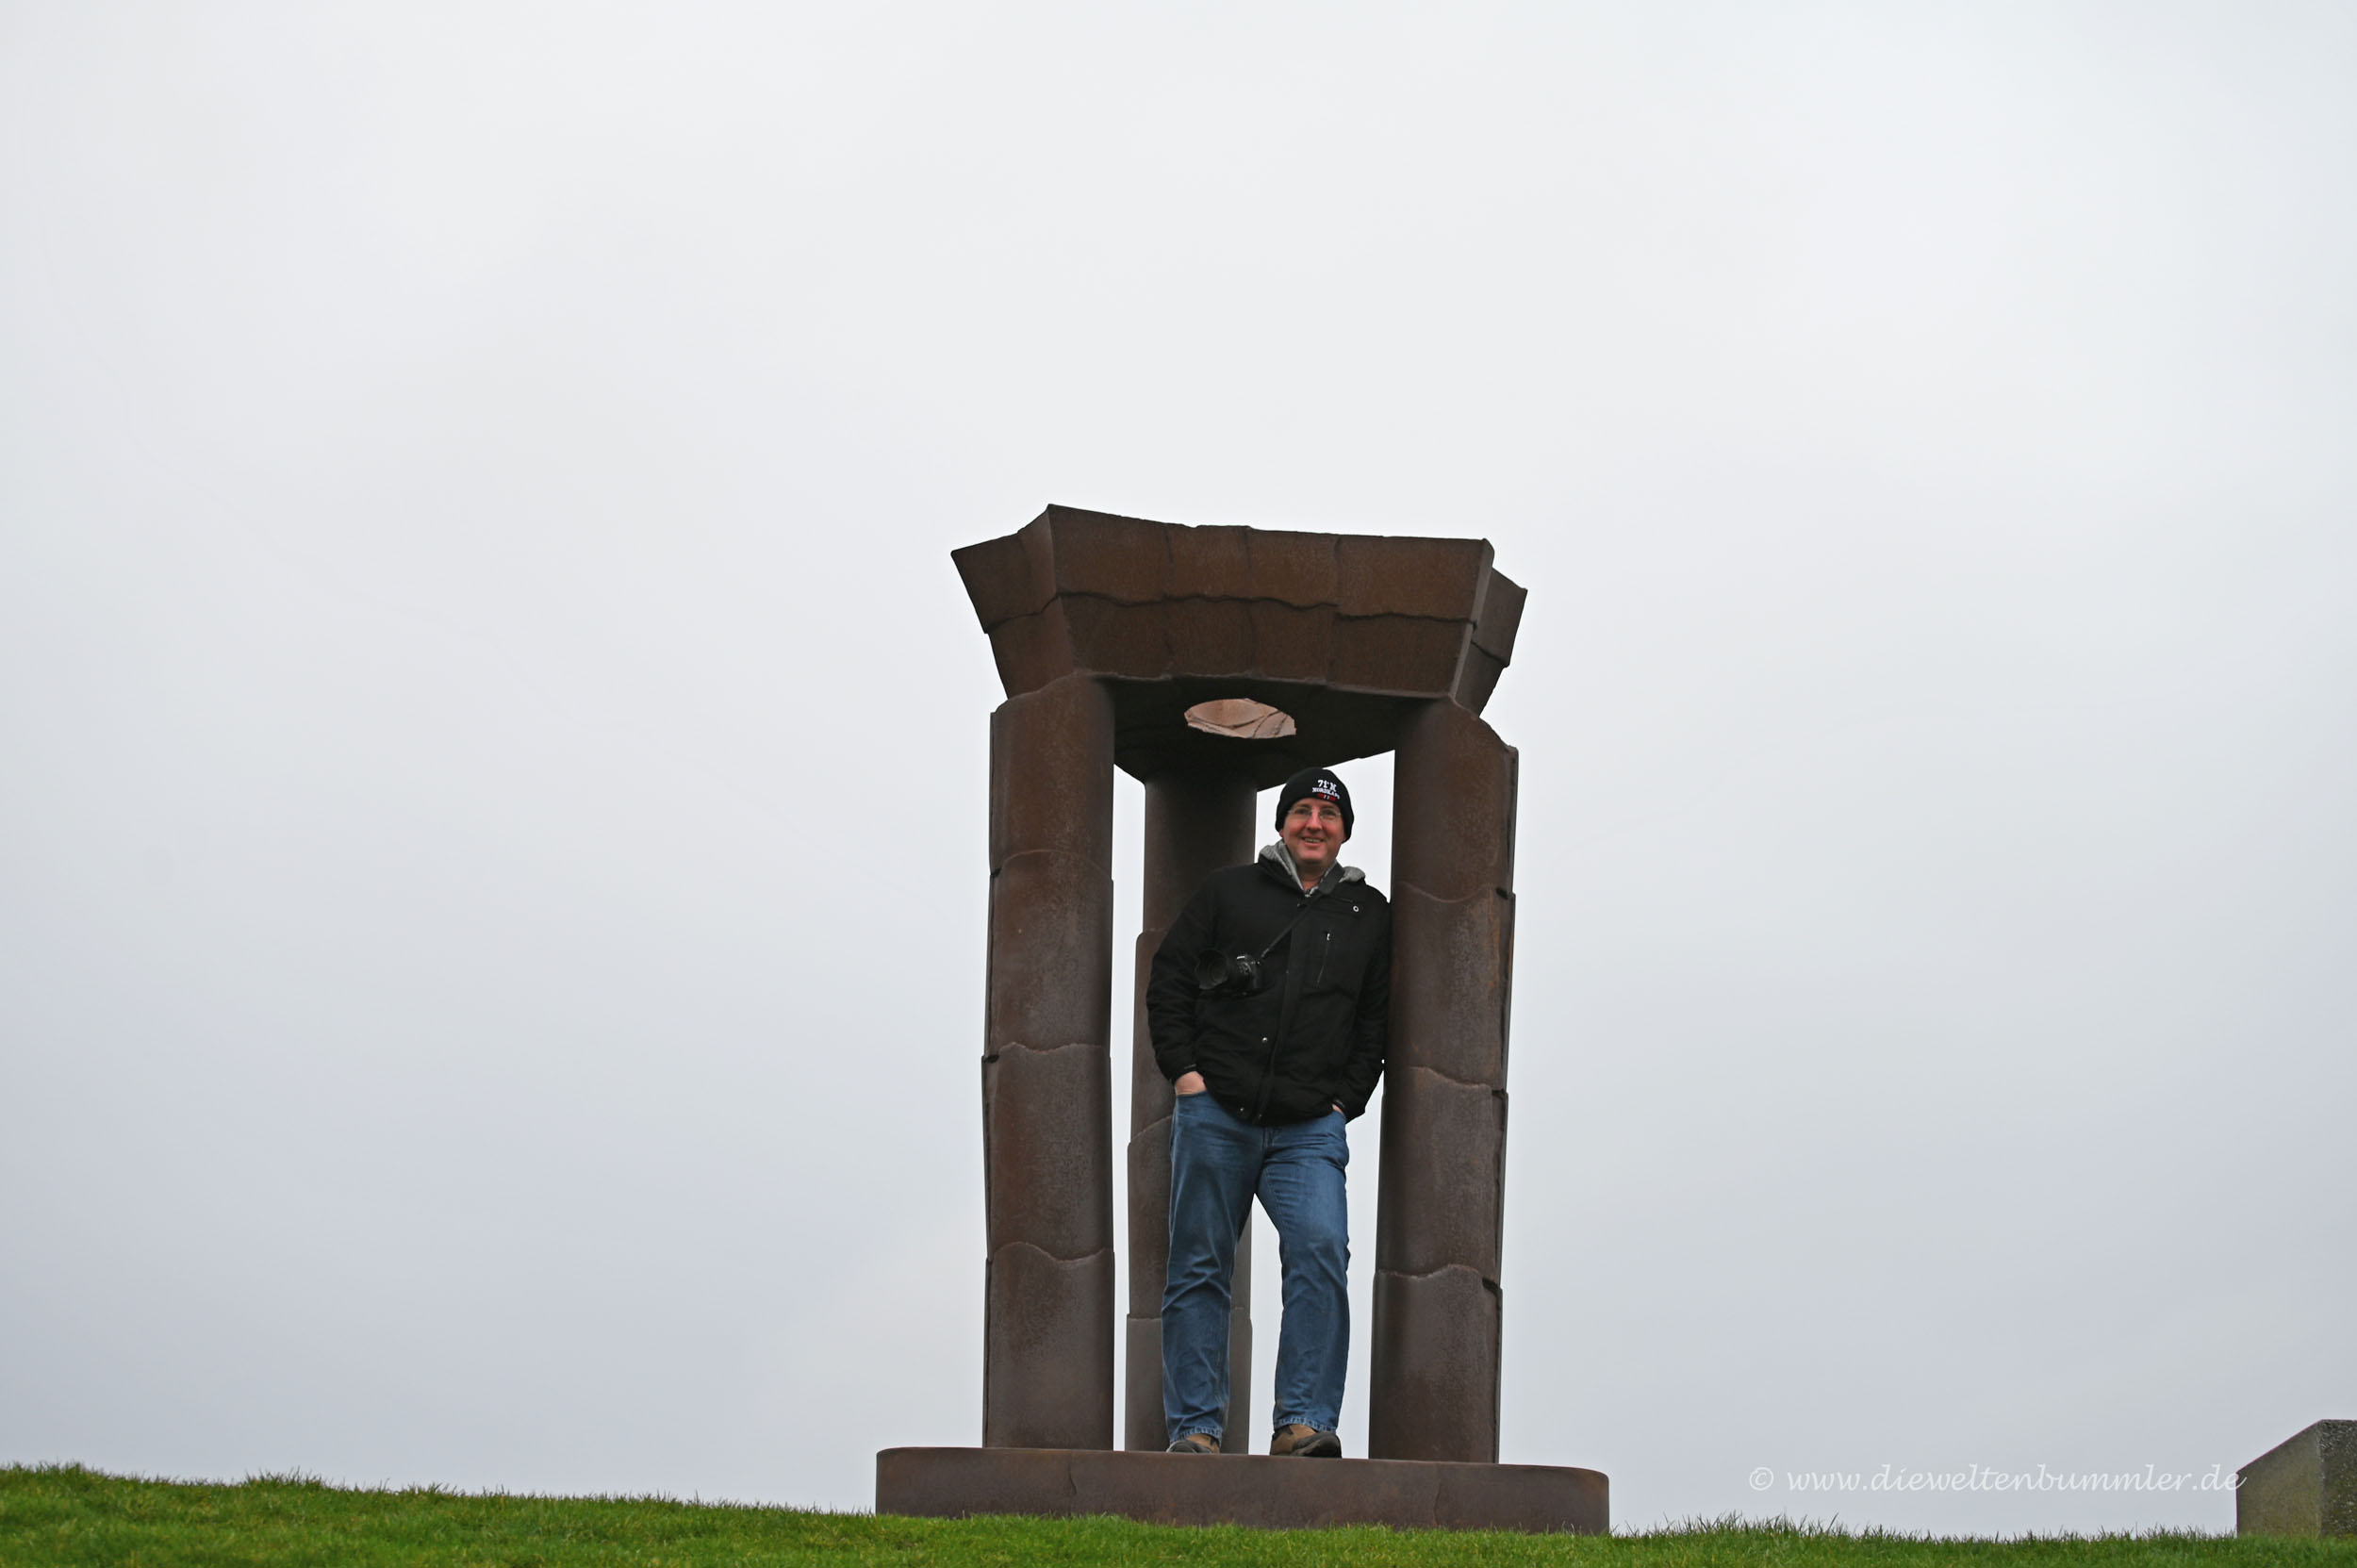 Am Noordkaap mit Nordkap-Mütze